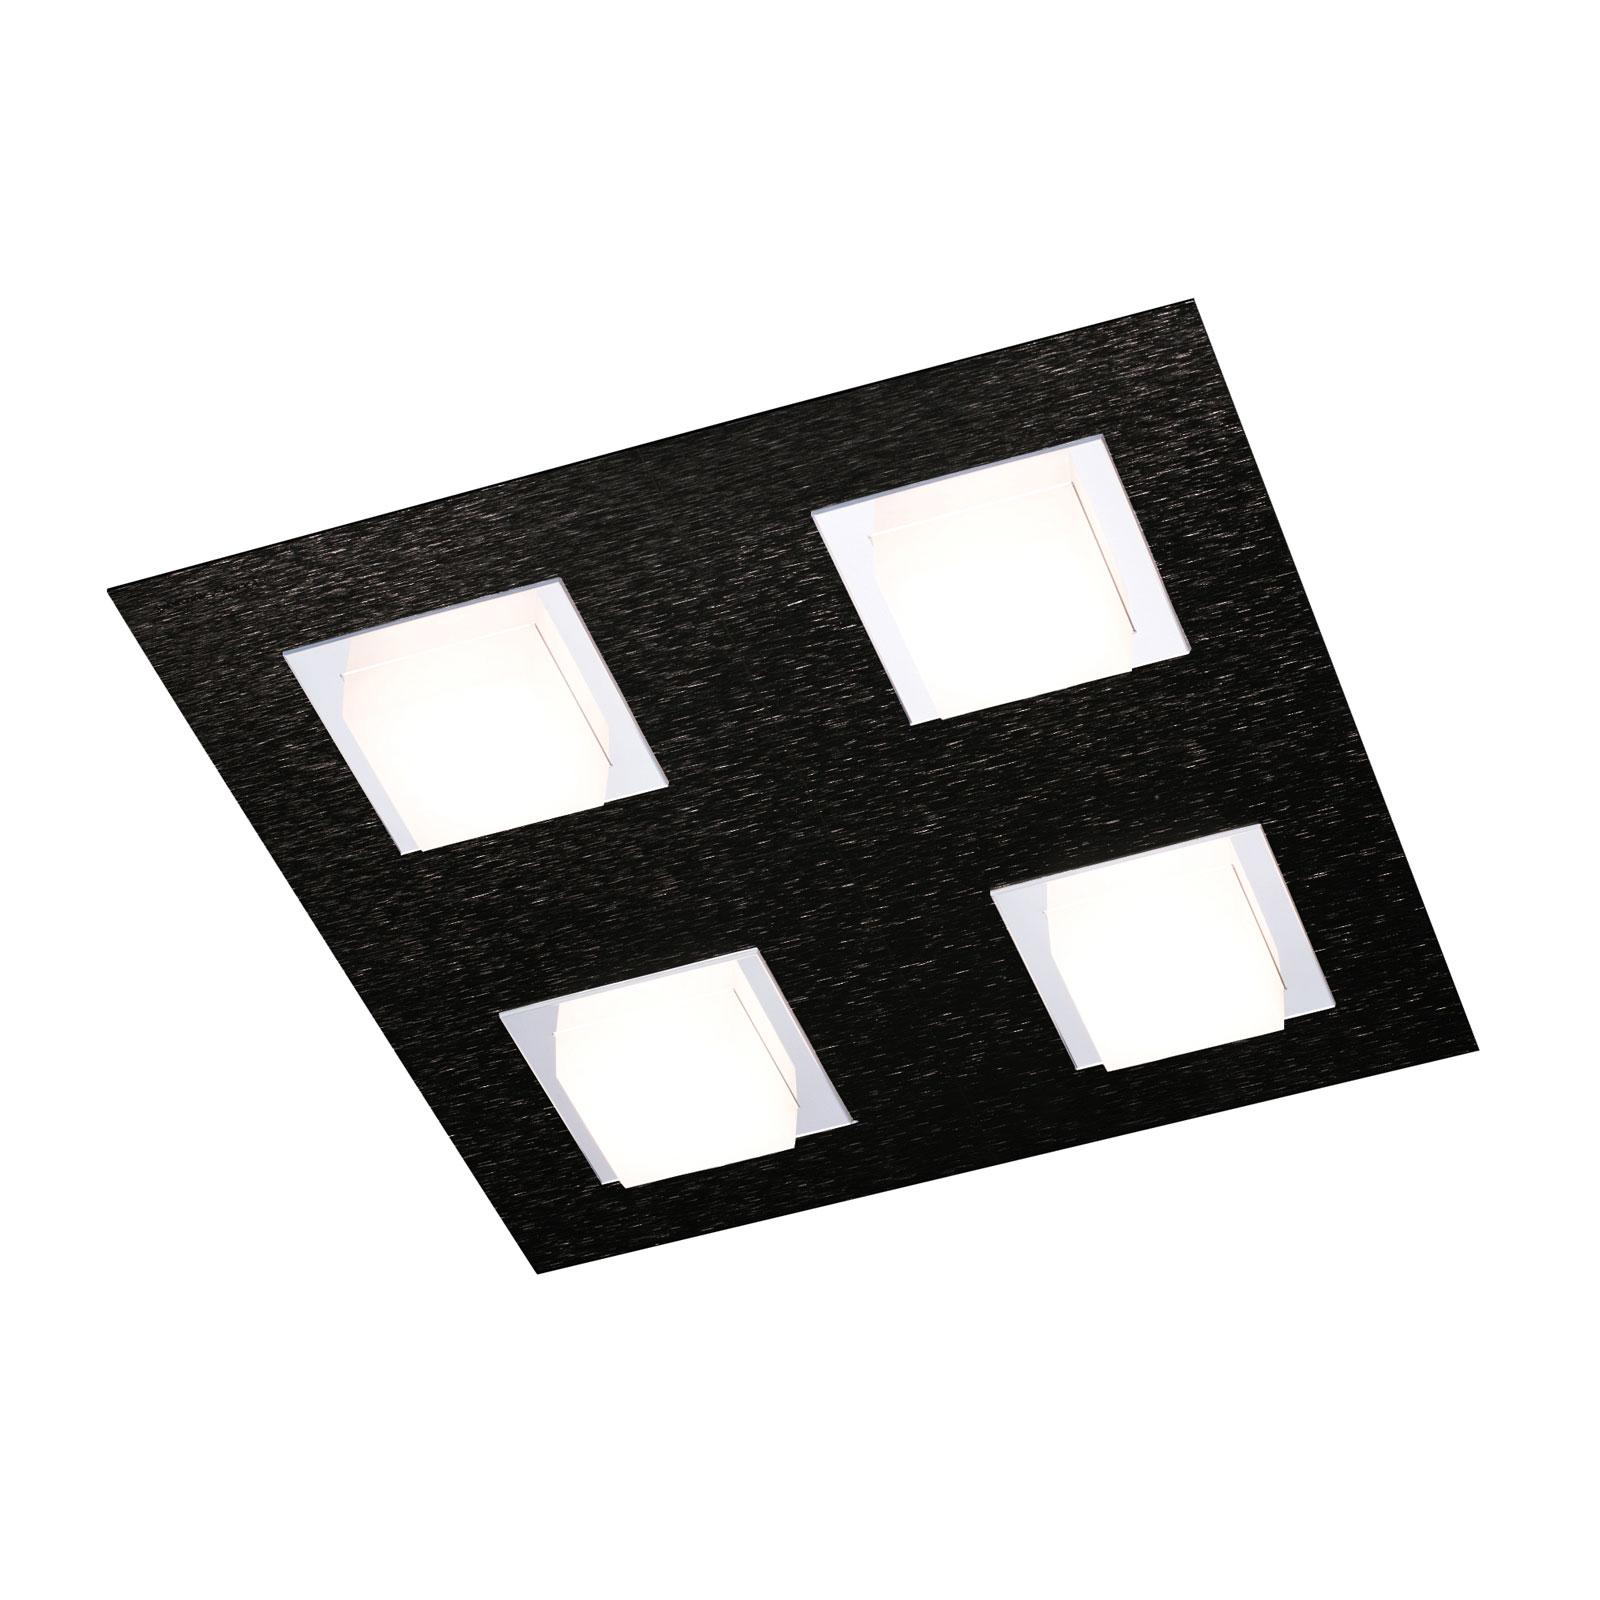 GROSSMANN Basic taklampe, 4 lyskilder, svart